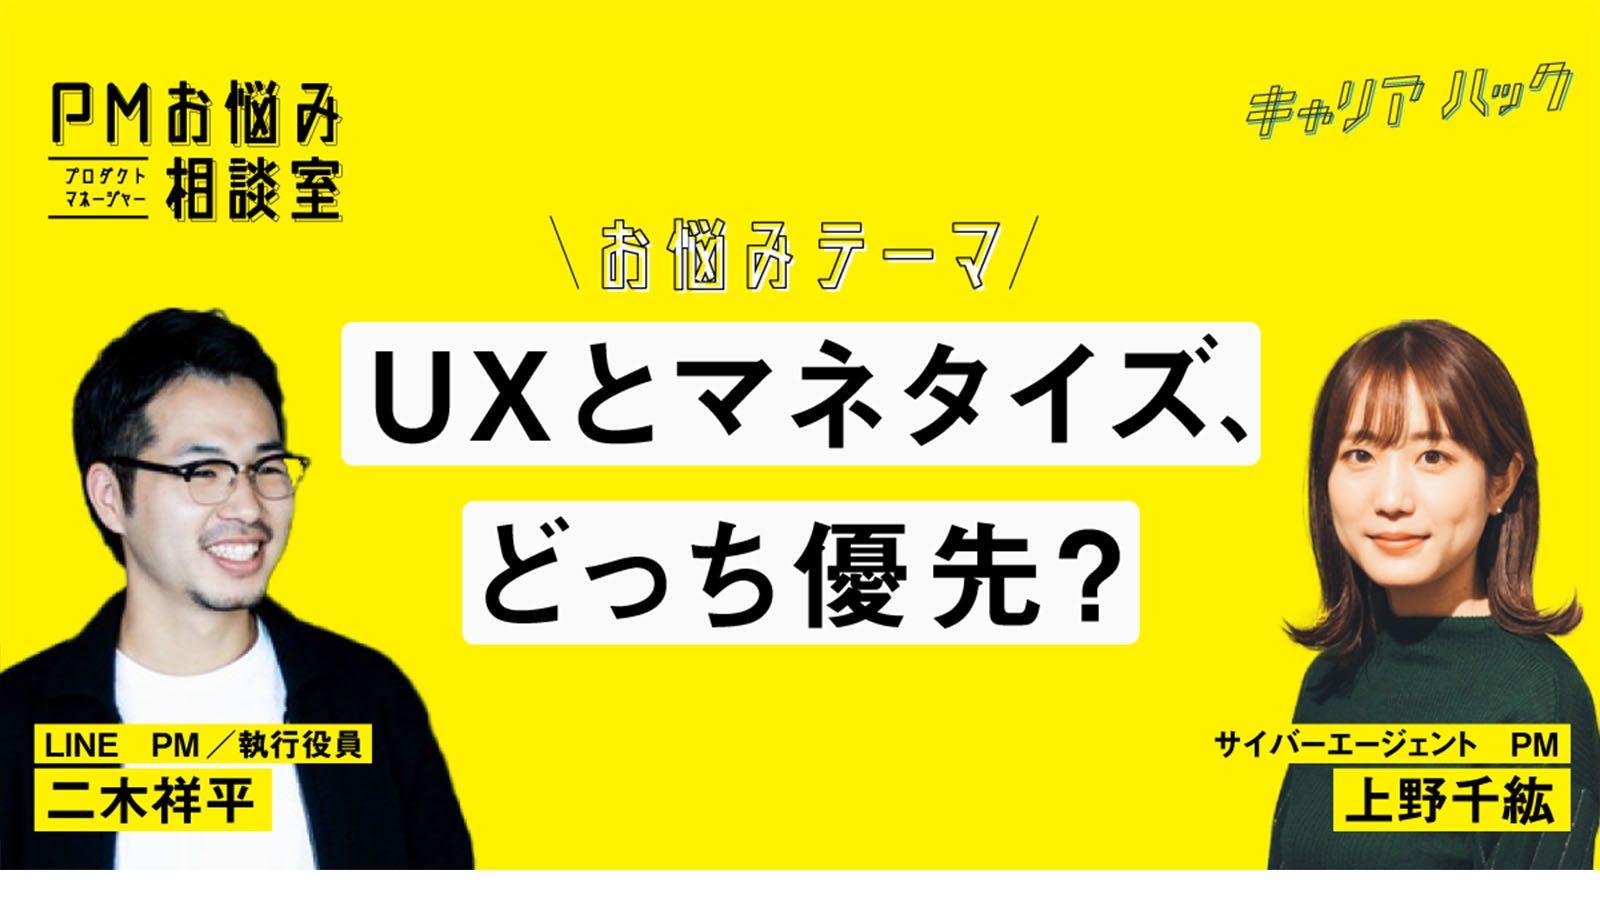 UXとマネタイズ、どっち優先? リアルなPMのお悩み、LINEとサイバーエージェントのPMが答えます